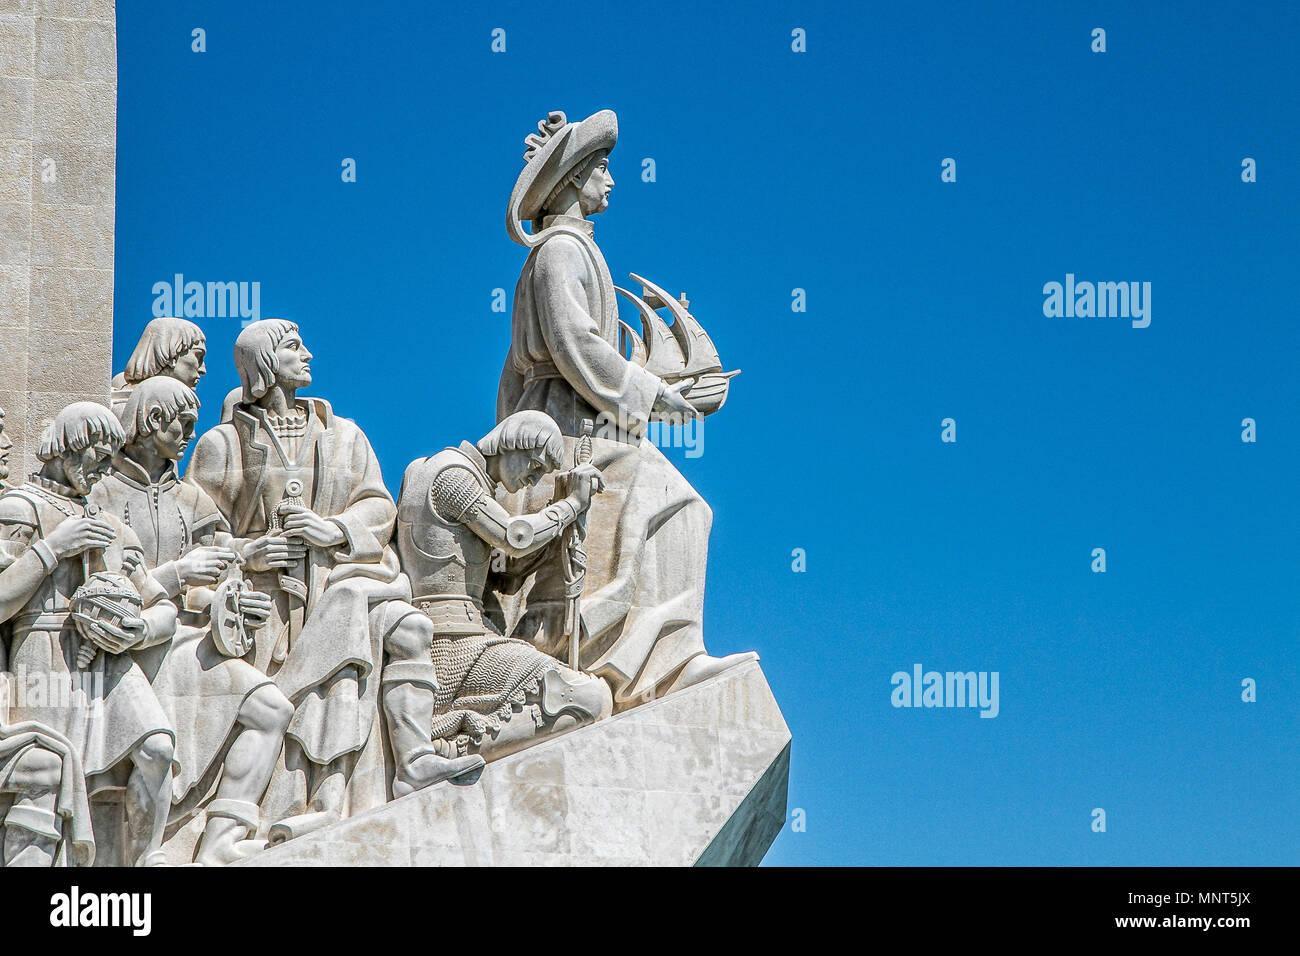 Lissabon, Portugal, 5. Mai 2018: Monument der Entdeckungen, die Heinrich der Seefahrer und andere prominente Persönlichkeiten aus Portugal Zeitalter der Entdeckungen Stockbild